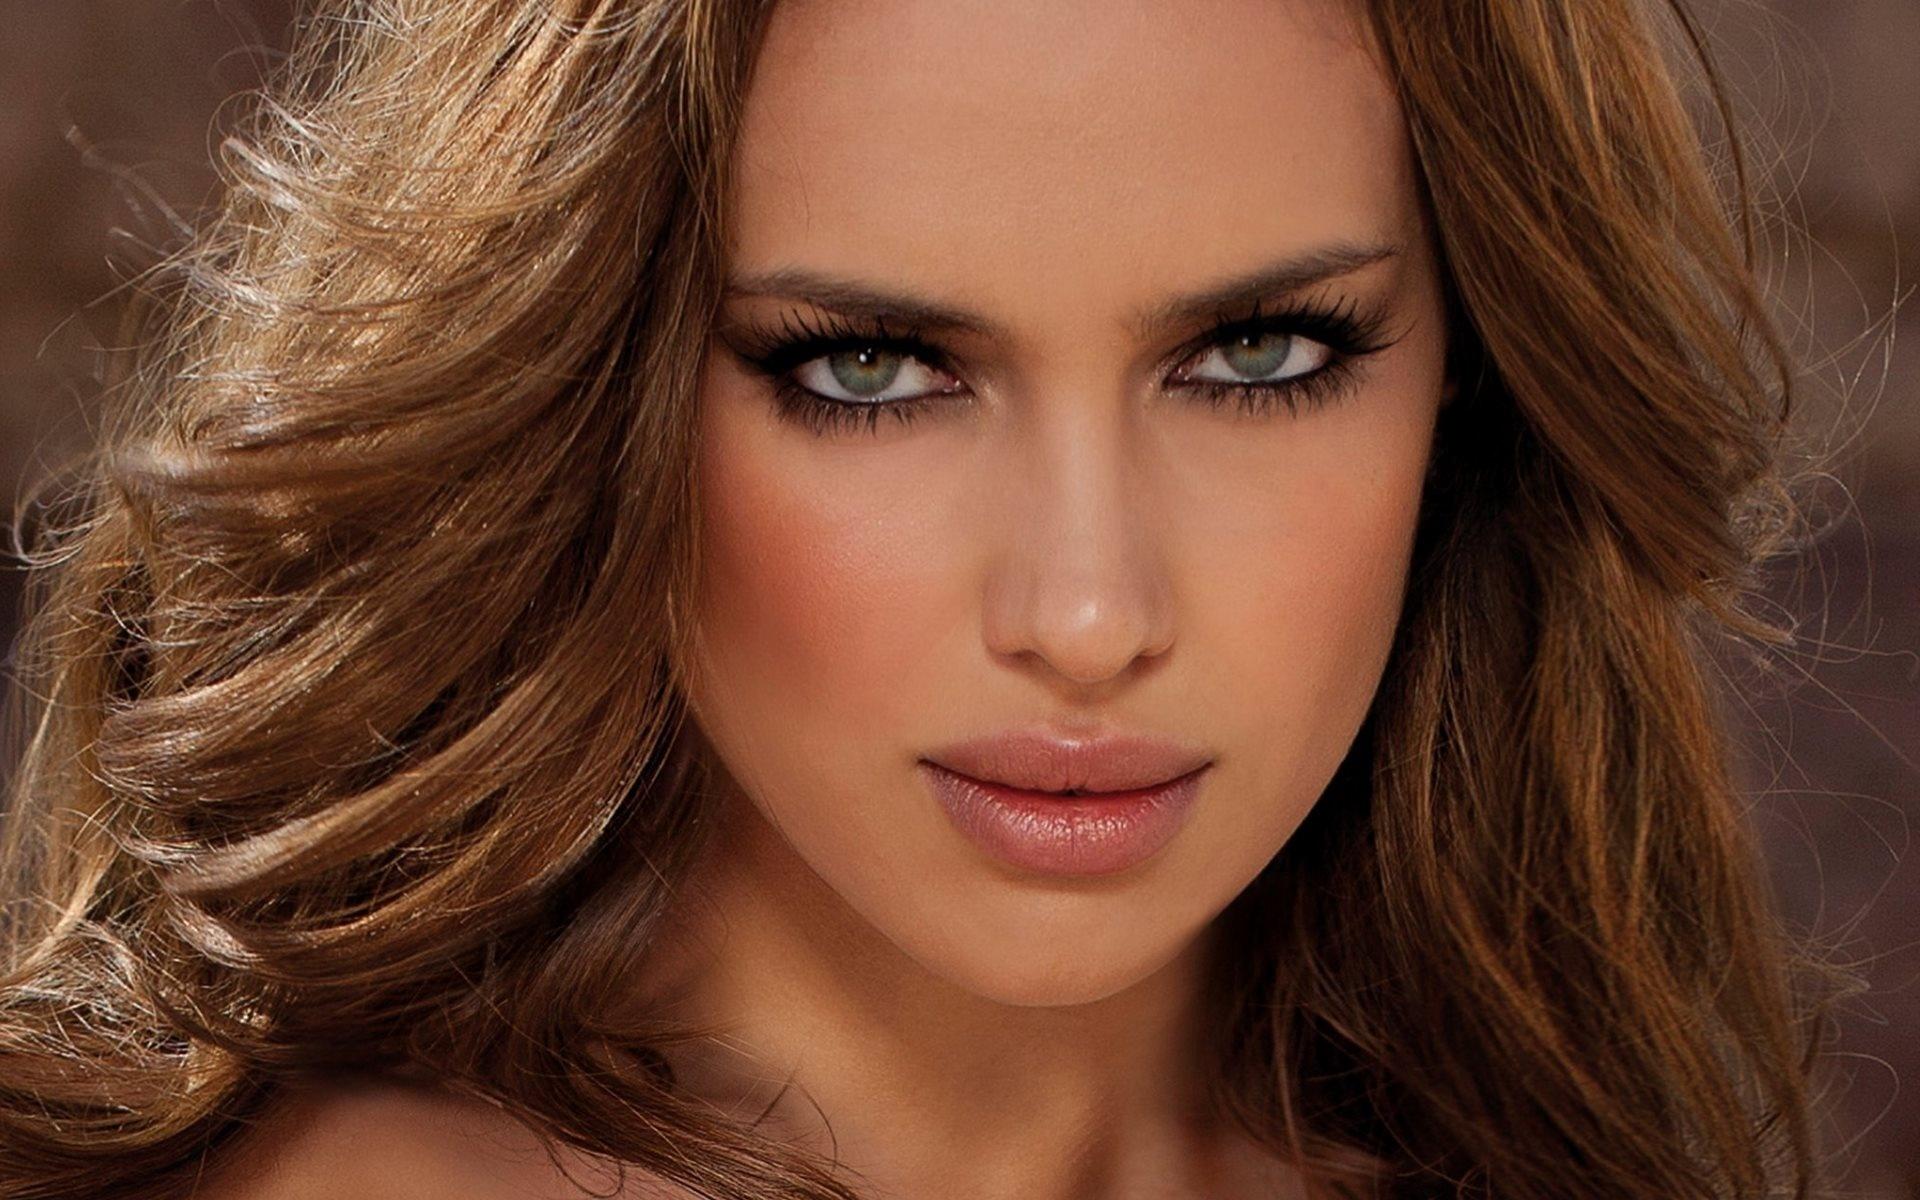 Огромные красивые иностранные модели выпали